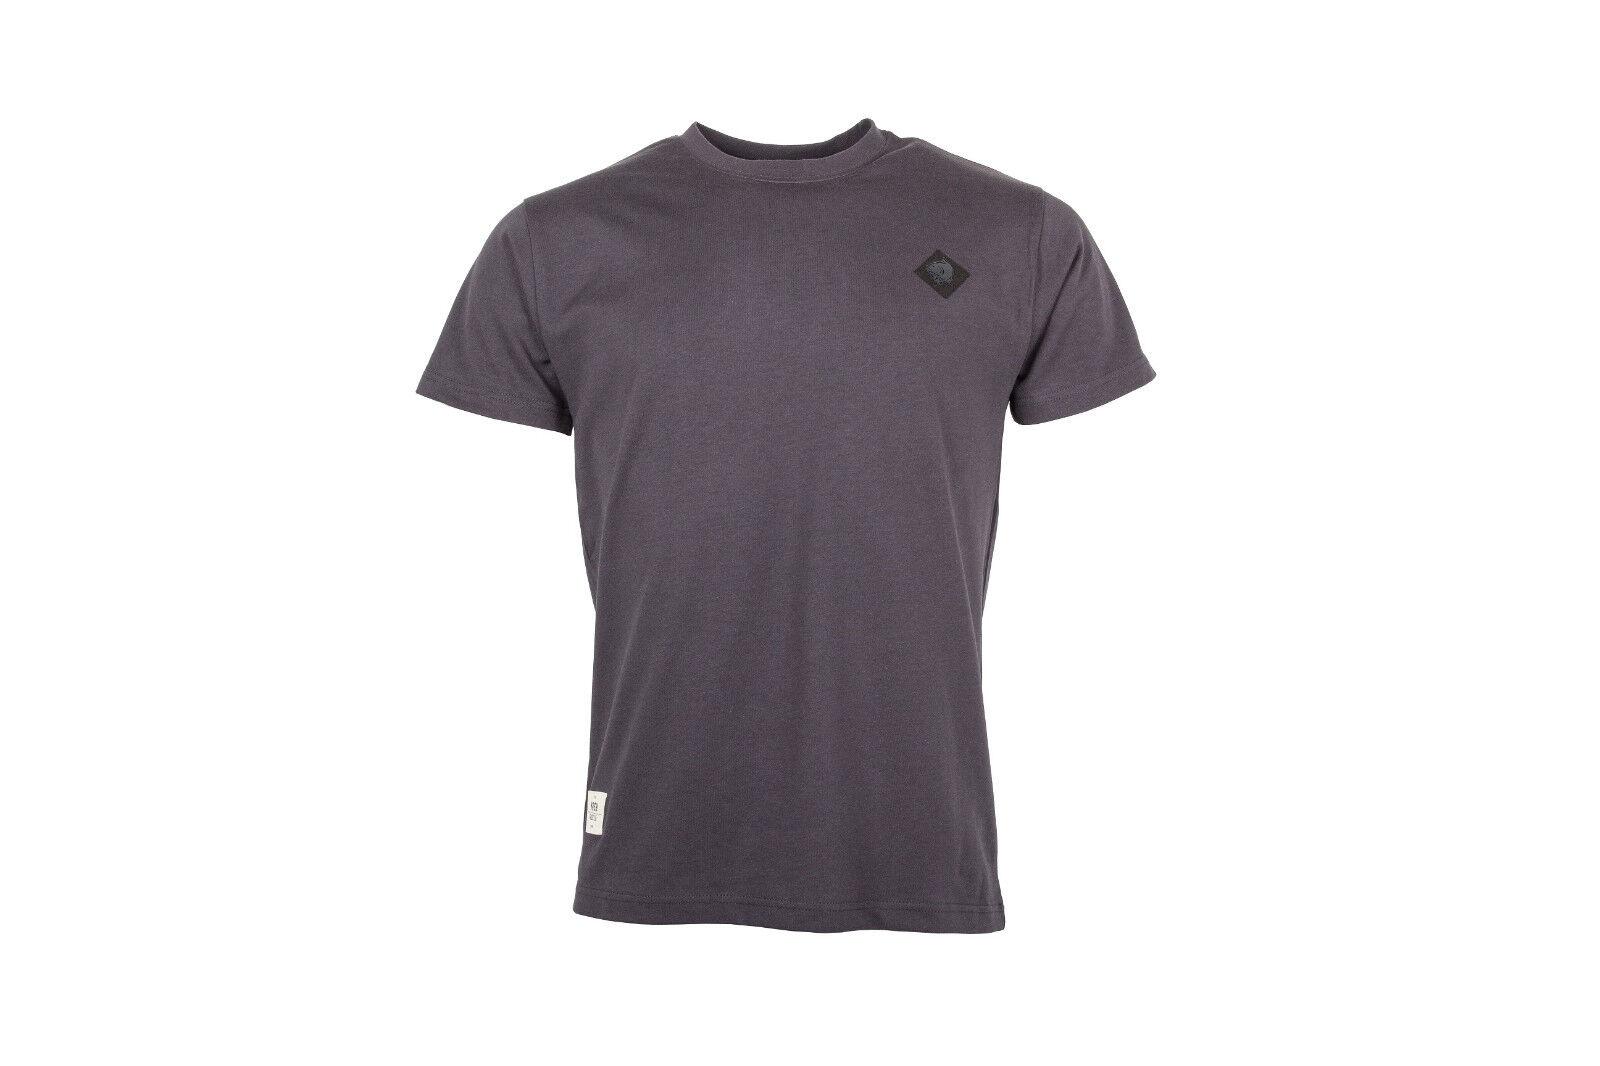 Nash Street Grey T-Shirt Tshirt Shirt Angelshirt T Shirt Anyellowekleidung   no minimum